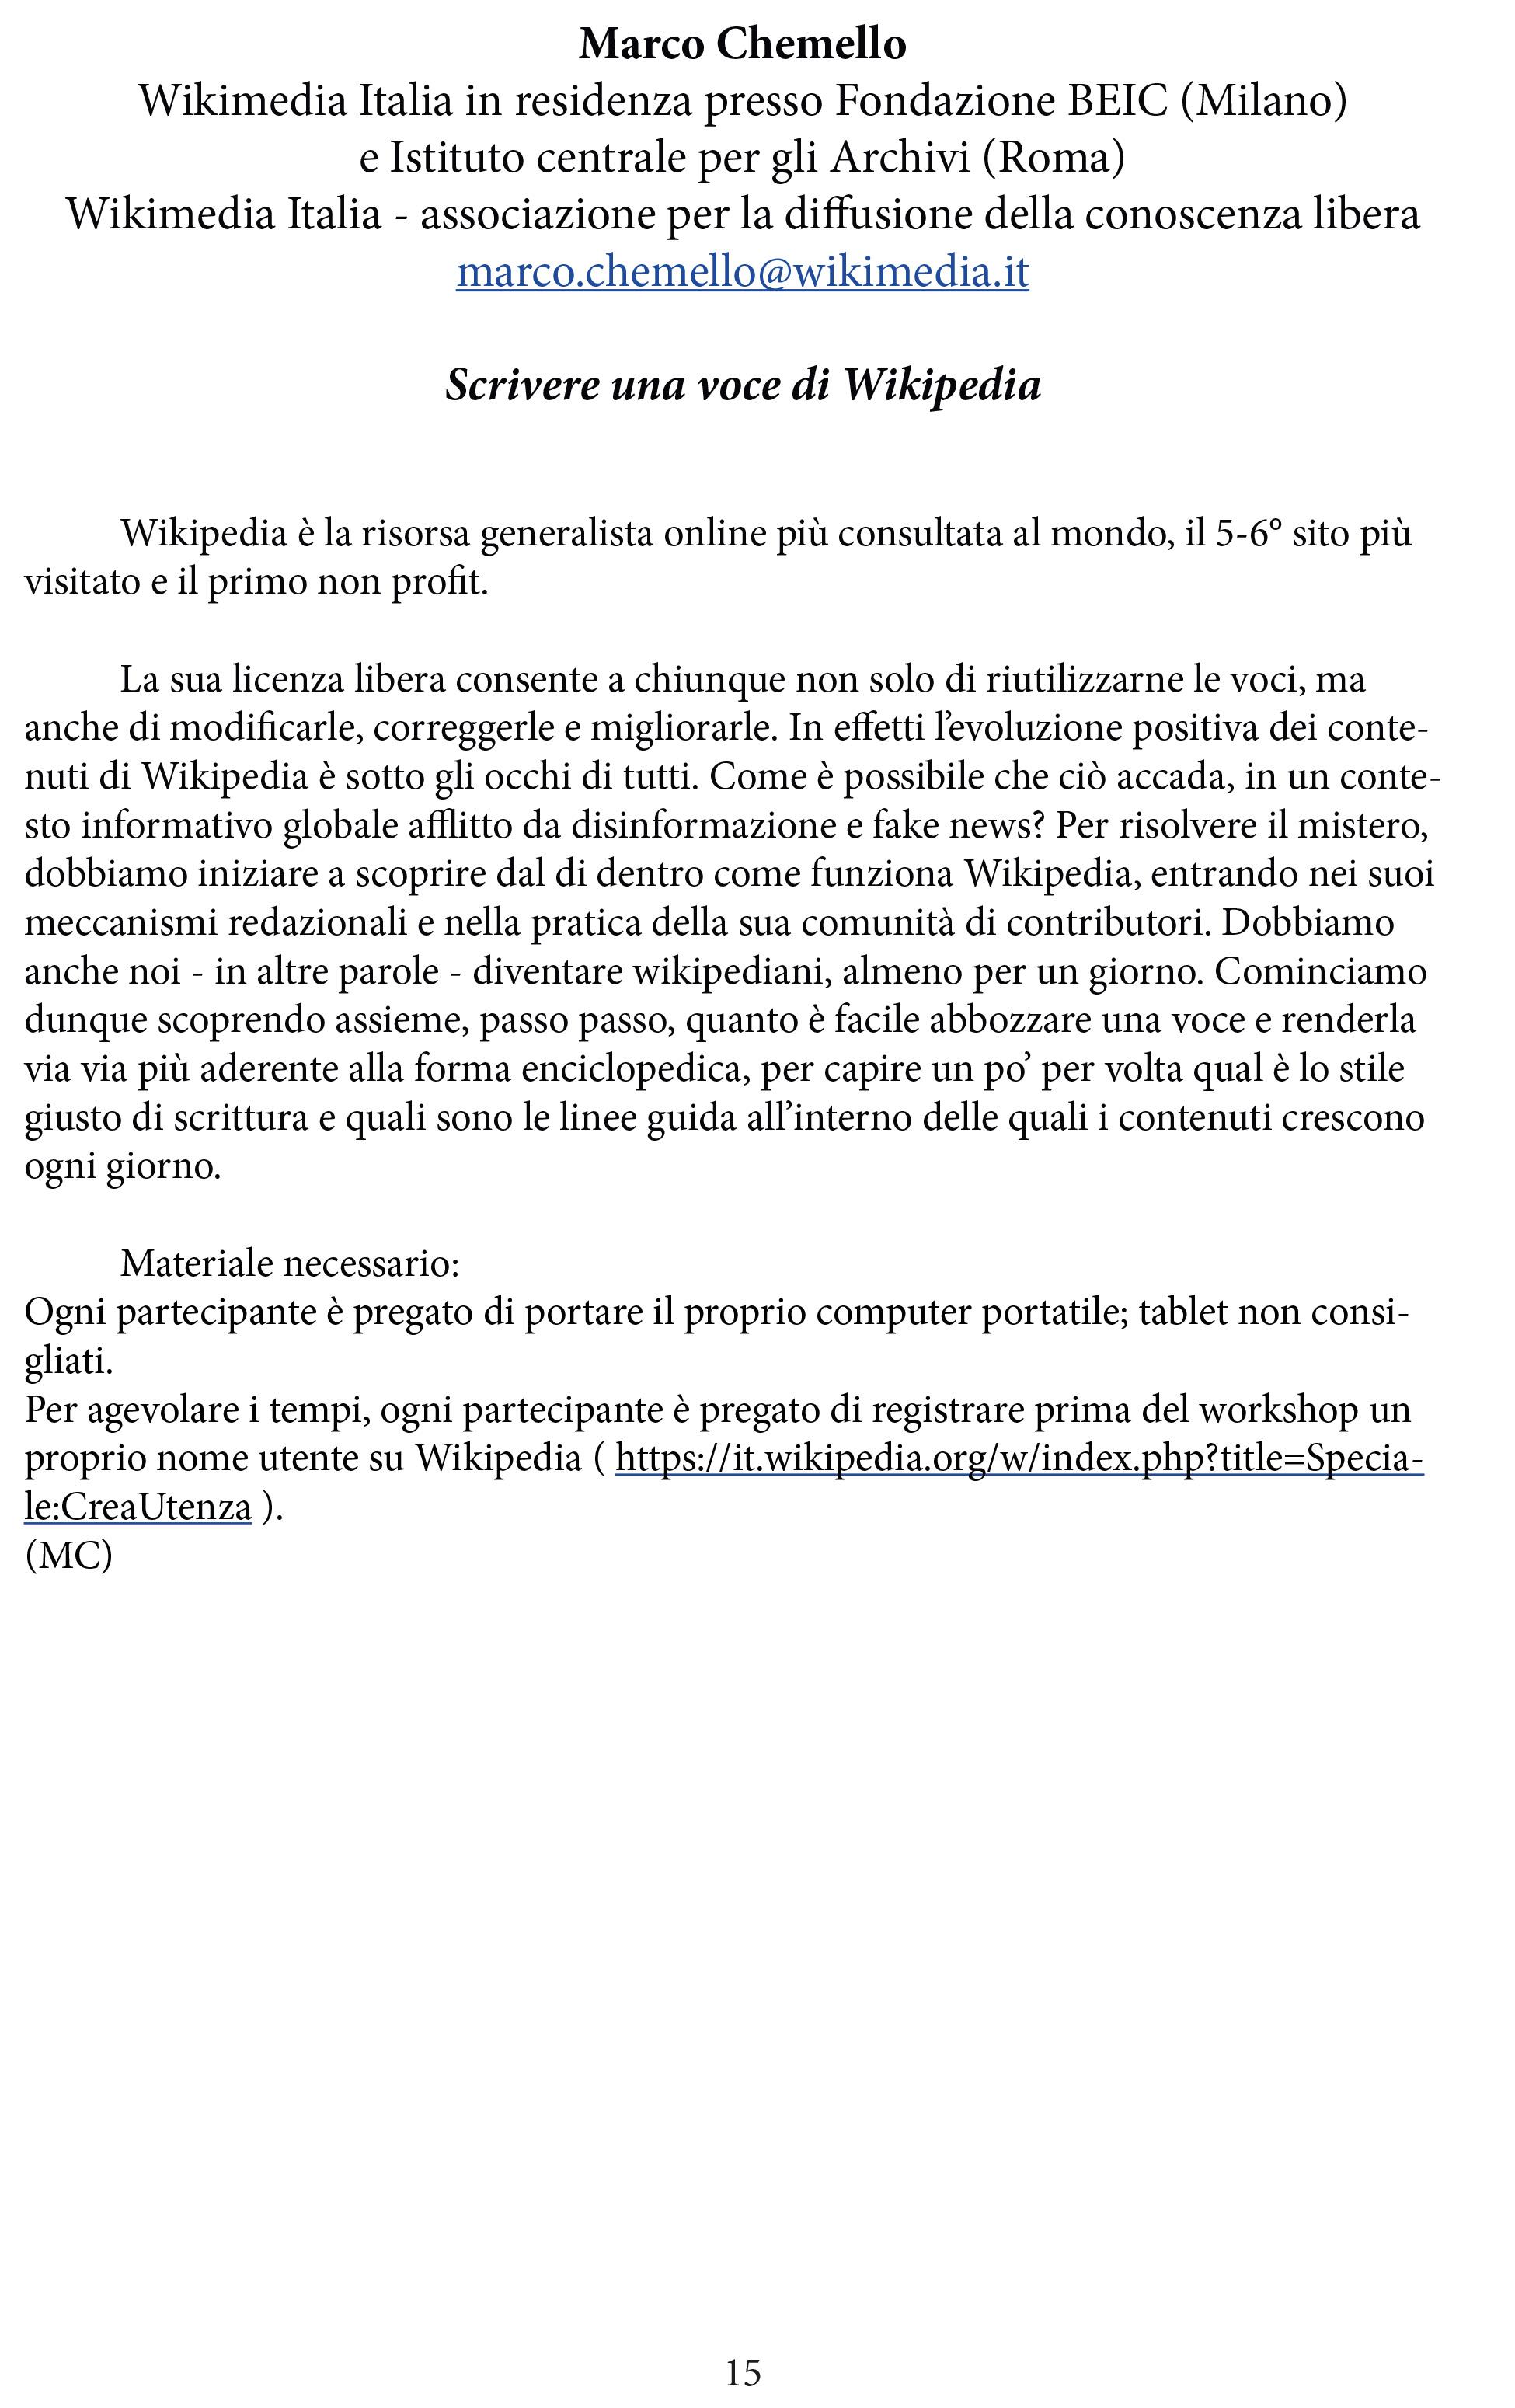 STUDIARE AL TEMPO DI INTERNET-15